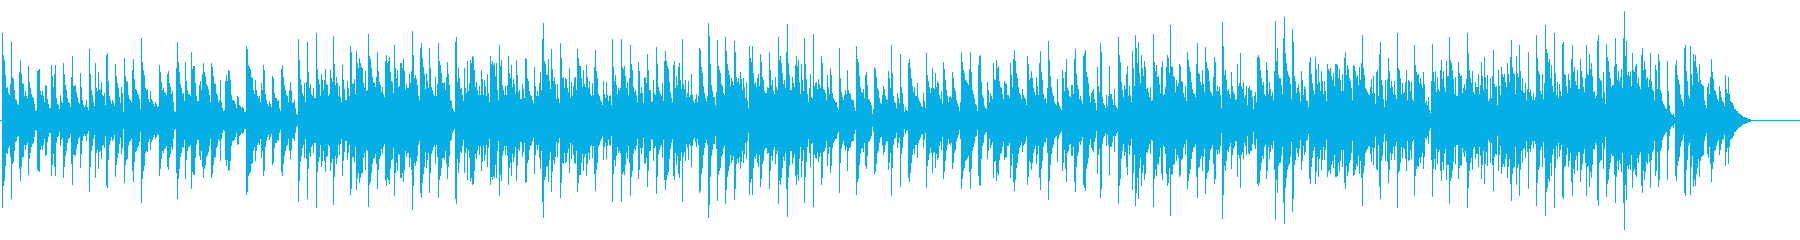 ほのぼの、のどかな雰囲気のカントリーの再生済みの波形